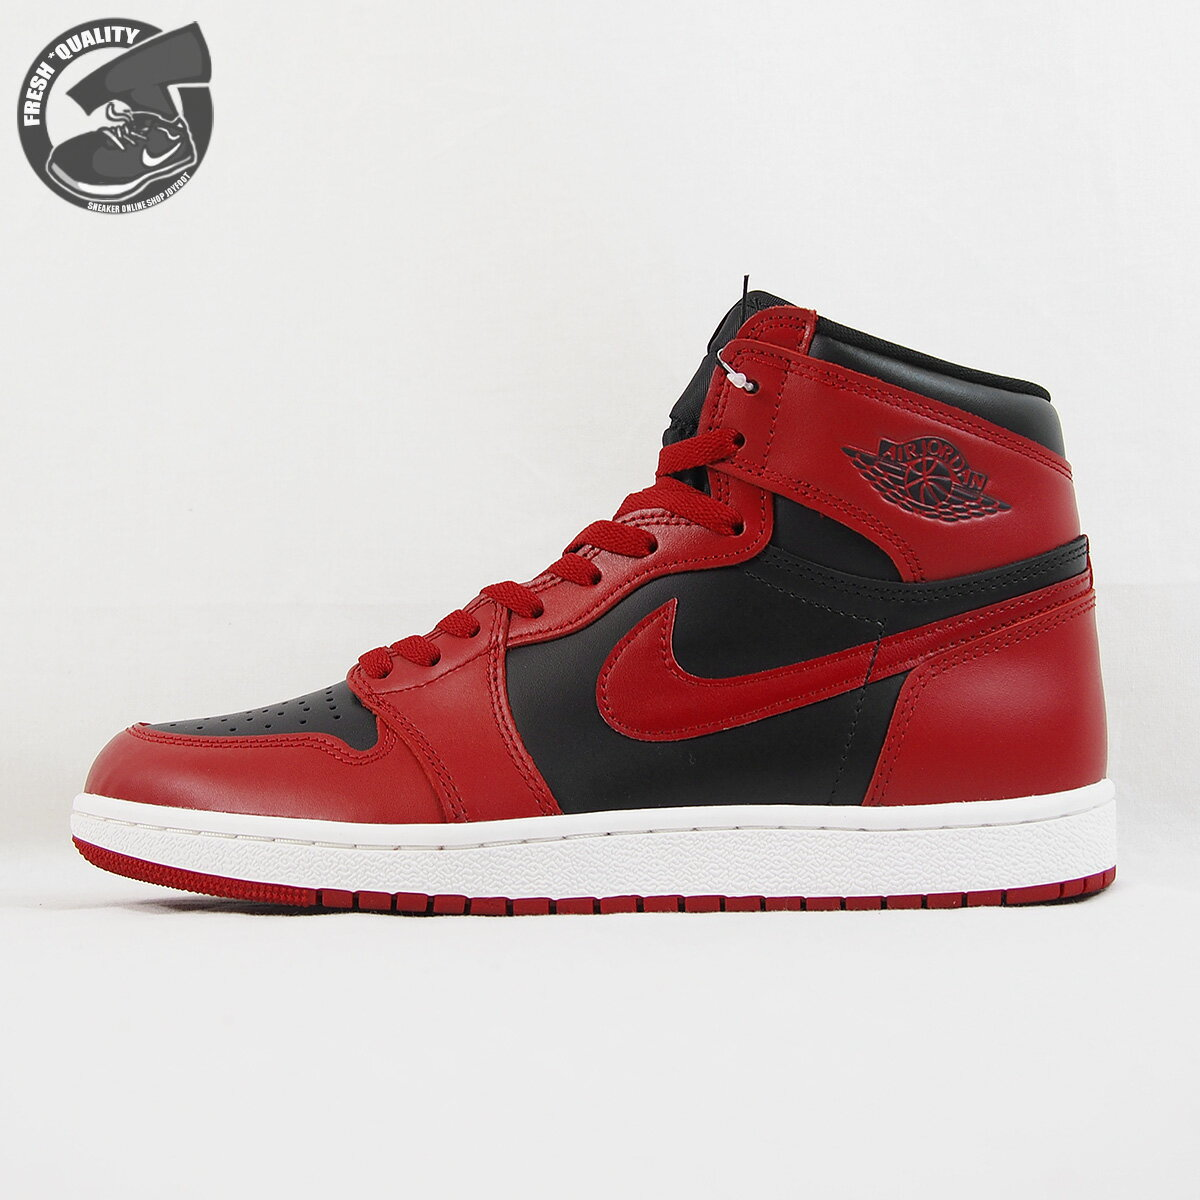 メンズ靴, スニーカー BQ4422-600 NIKE AIR JORDAN 1 HIGH 85 VARSITY REDBLACK-VARSITY RED 1 85 -